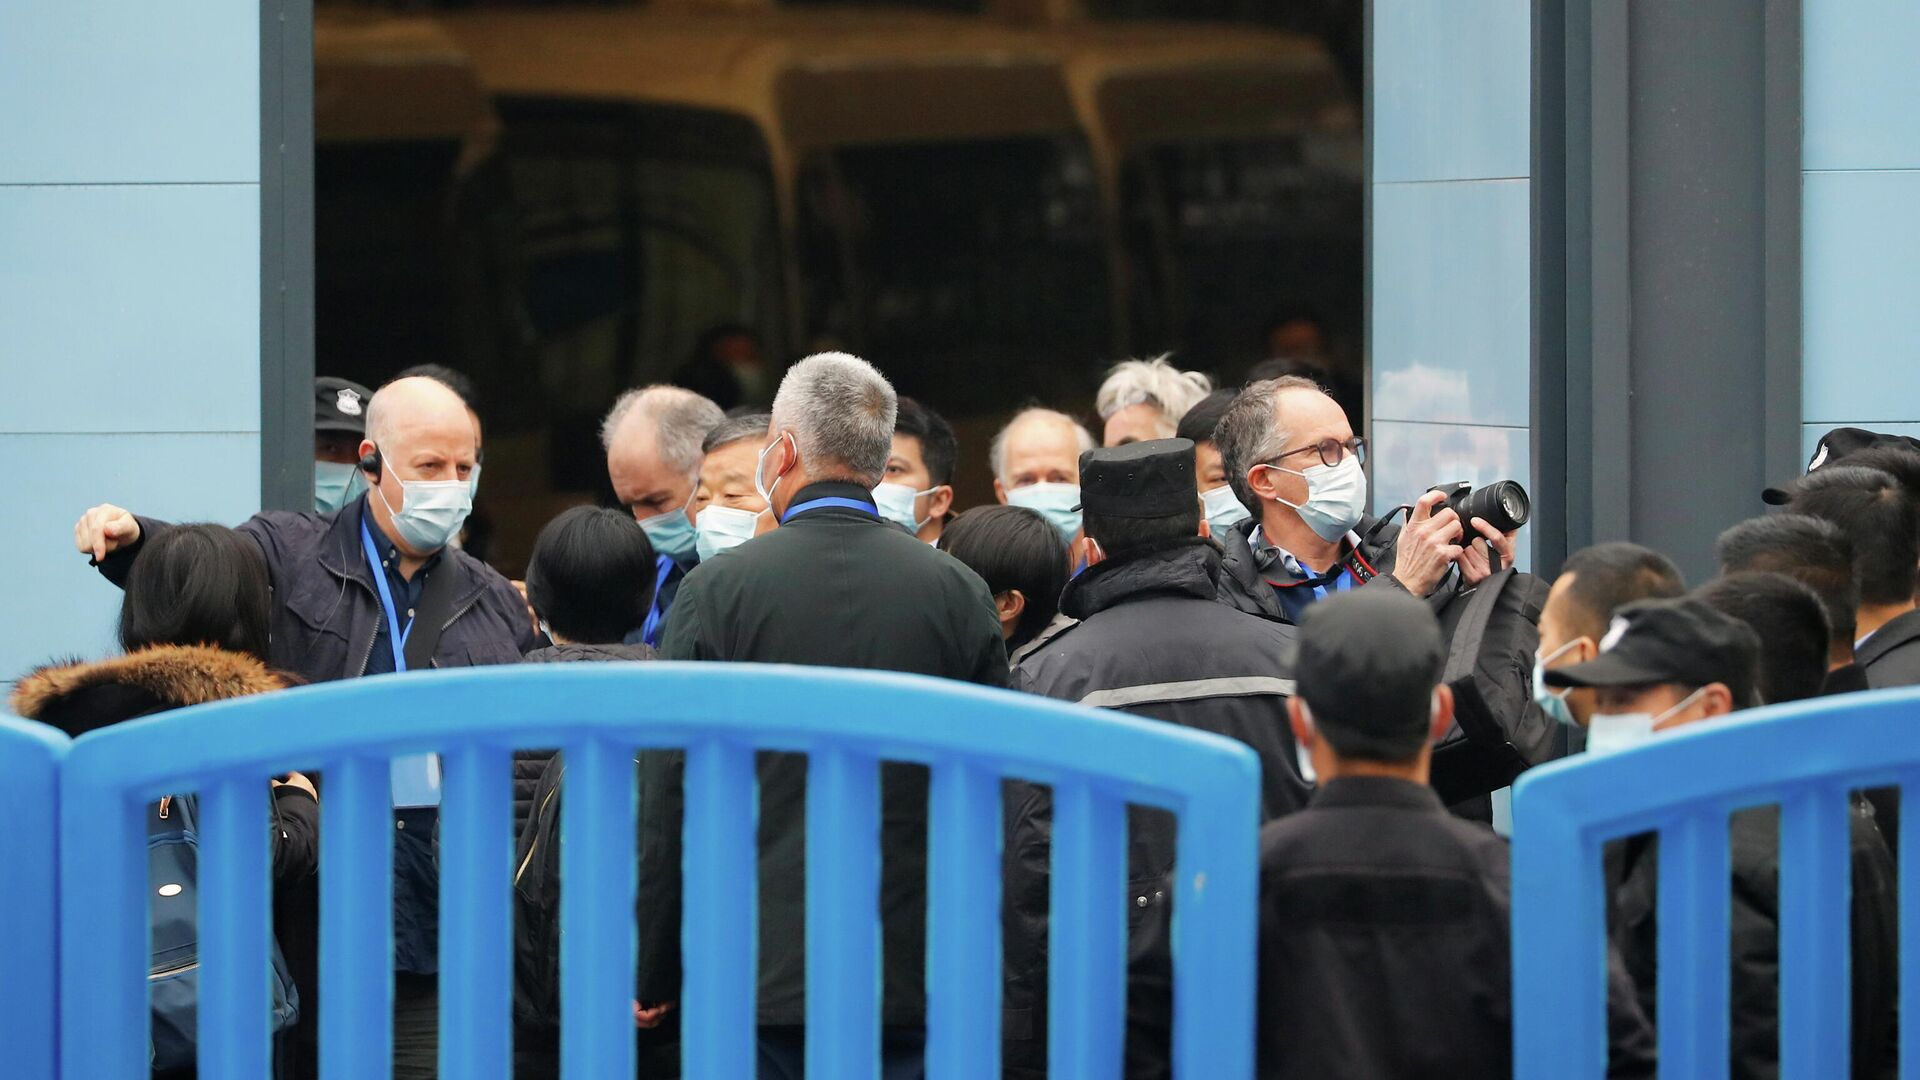 Эксперты ВОЗ во время посещения рынка морепродуктов Хуанань в Ухане - РИА Новости, 1920, 11.02.2021